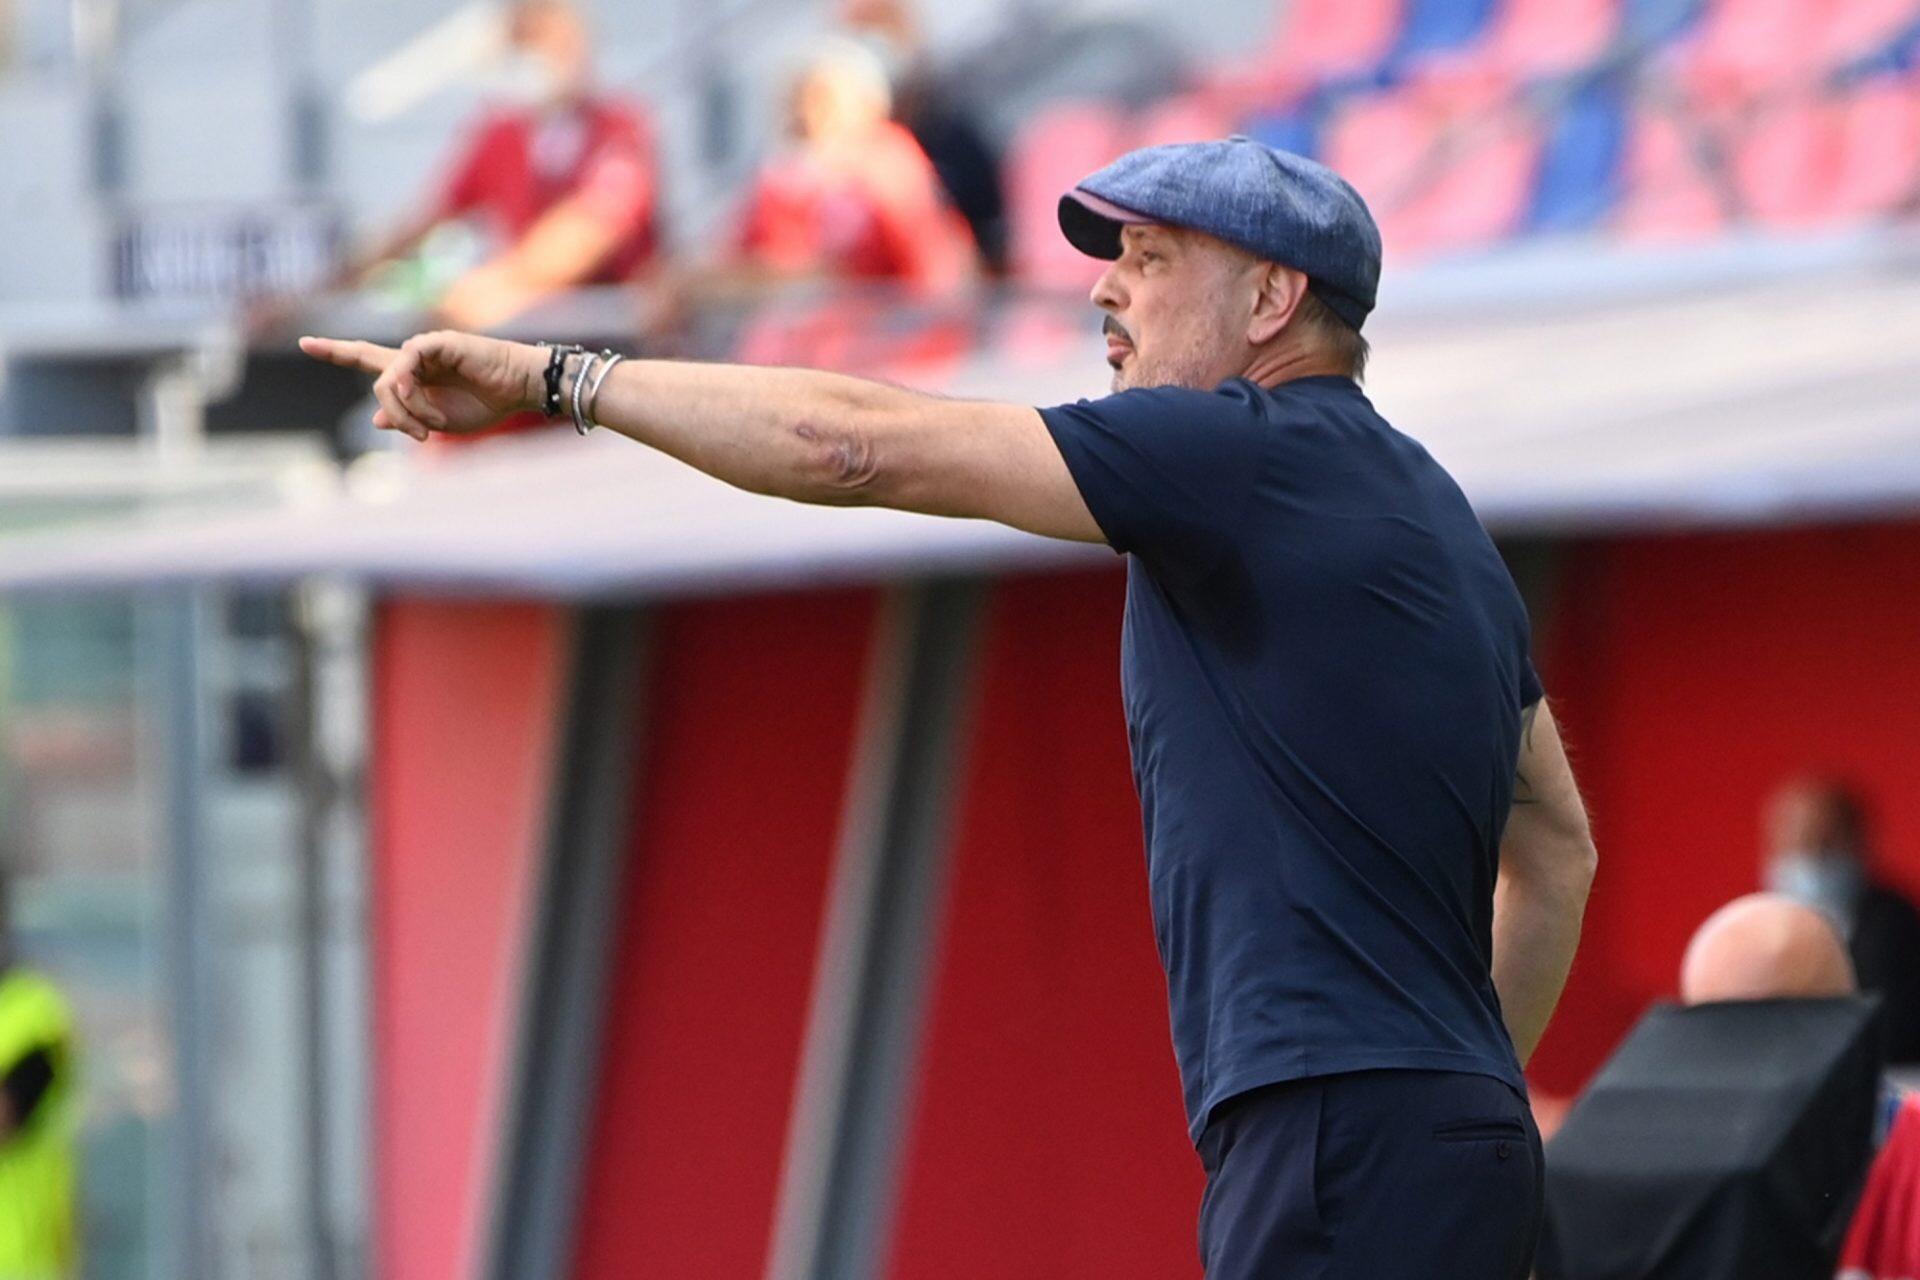 Vince il Bologna per 3-2 contro il Lecce al Dall'Ara. Le parole di Mihajlovic nel post partita